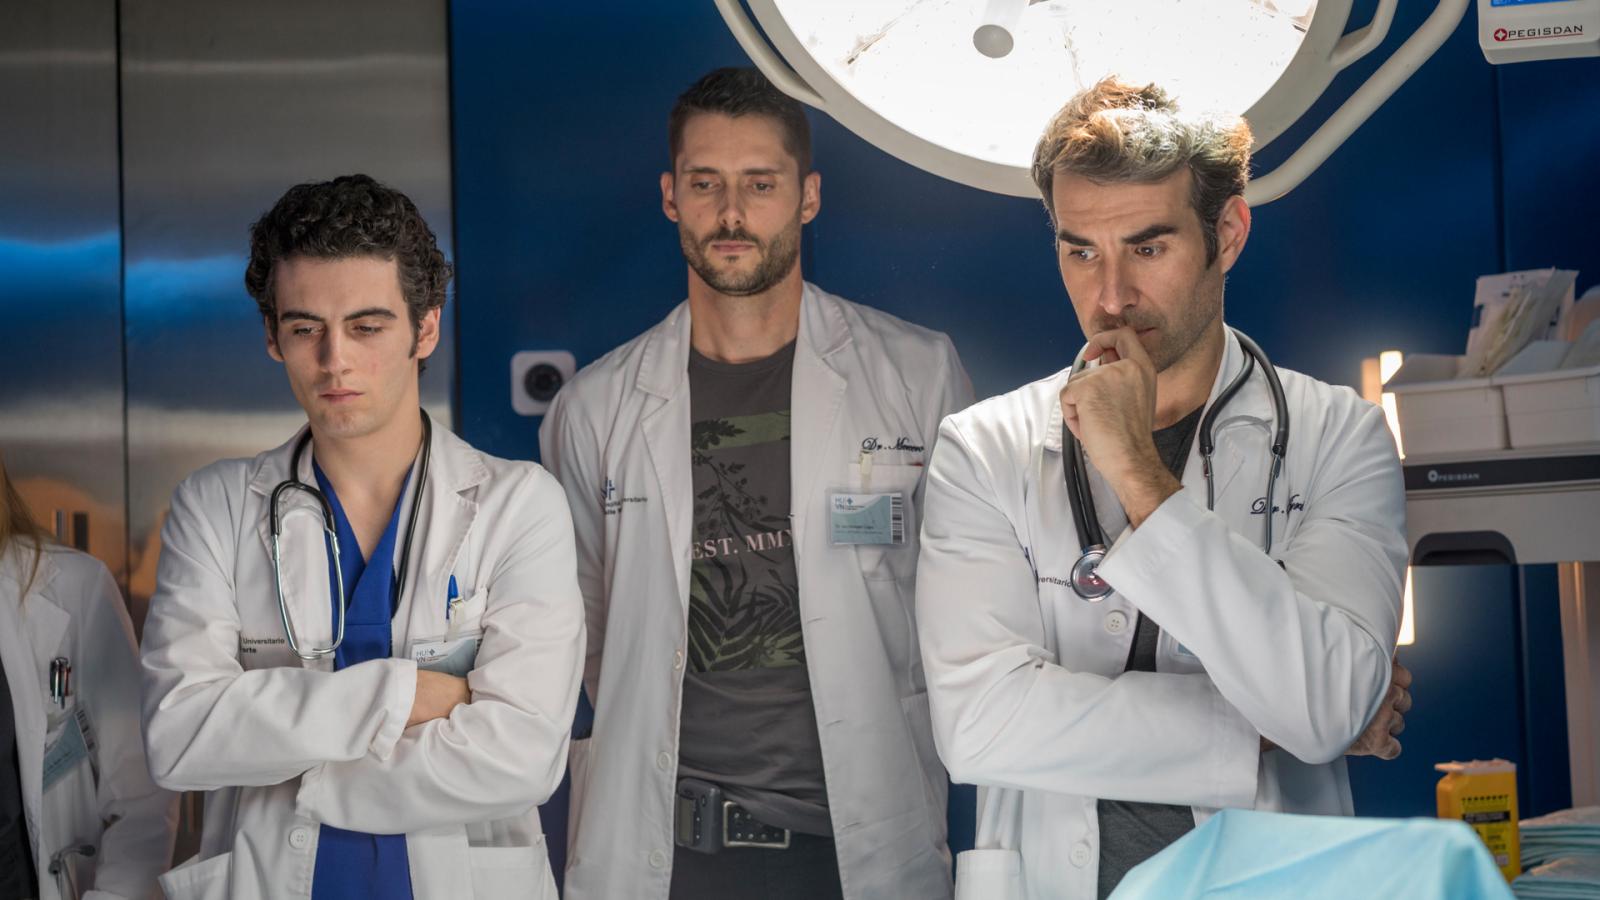 Hospital Valle Norte - Los médicos se enfrentan a un fenómeno paranormal en el próximo capítulo